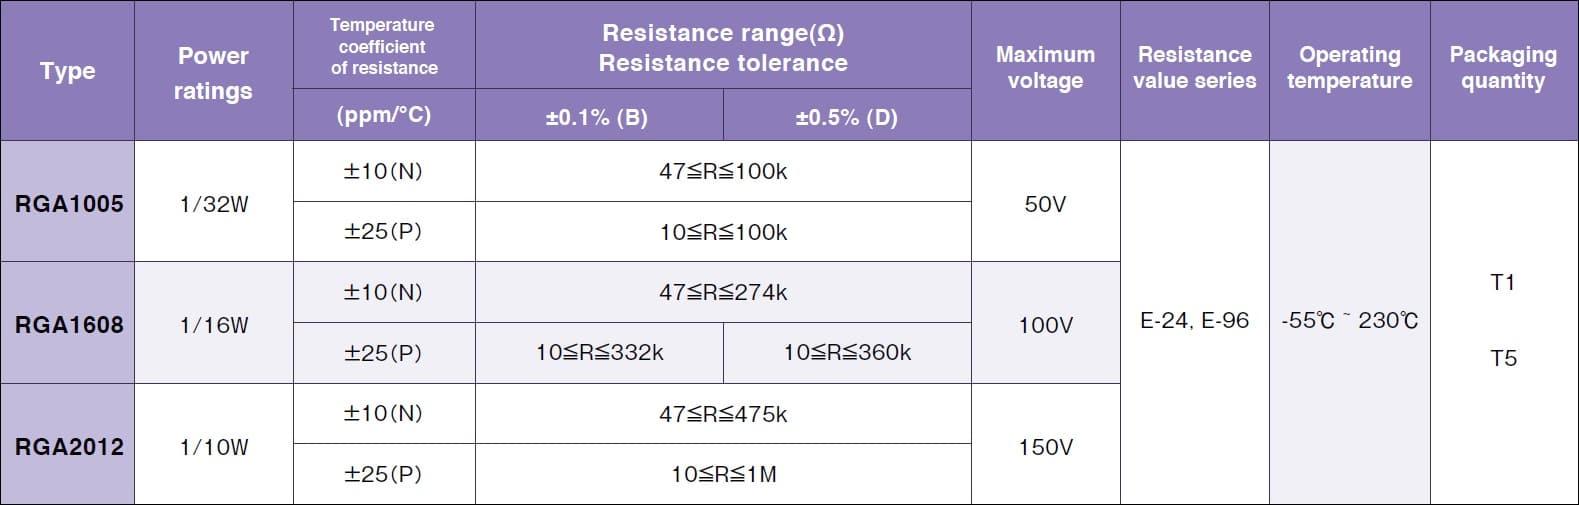 Susumu RGA1005 Specifications